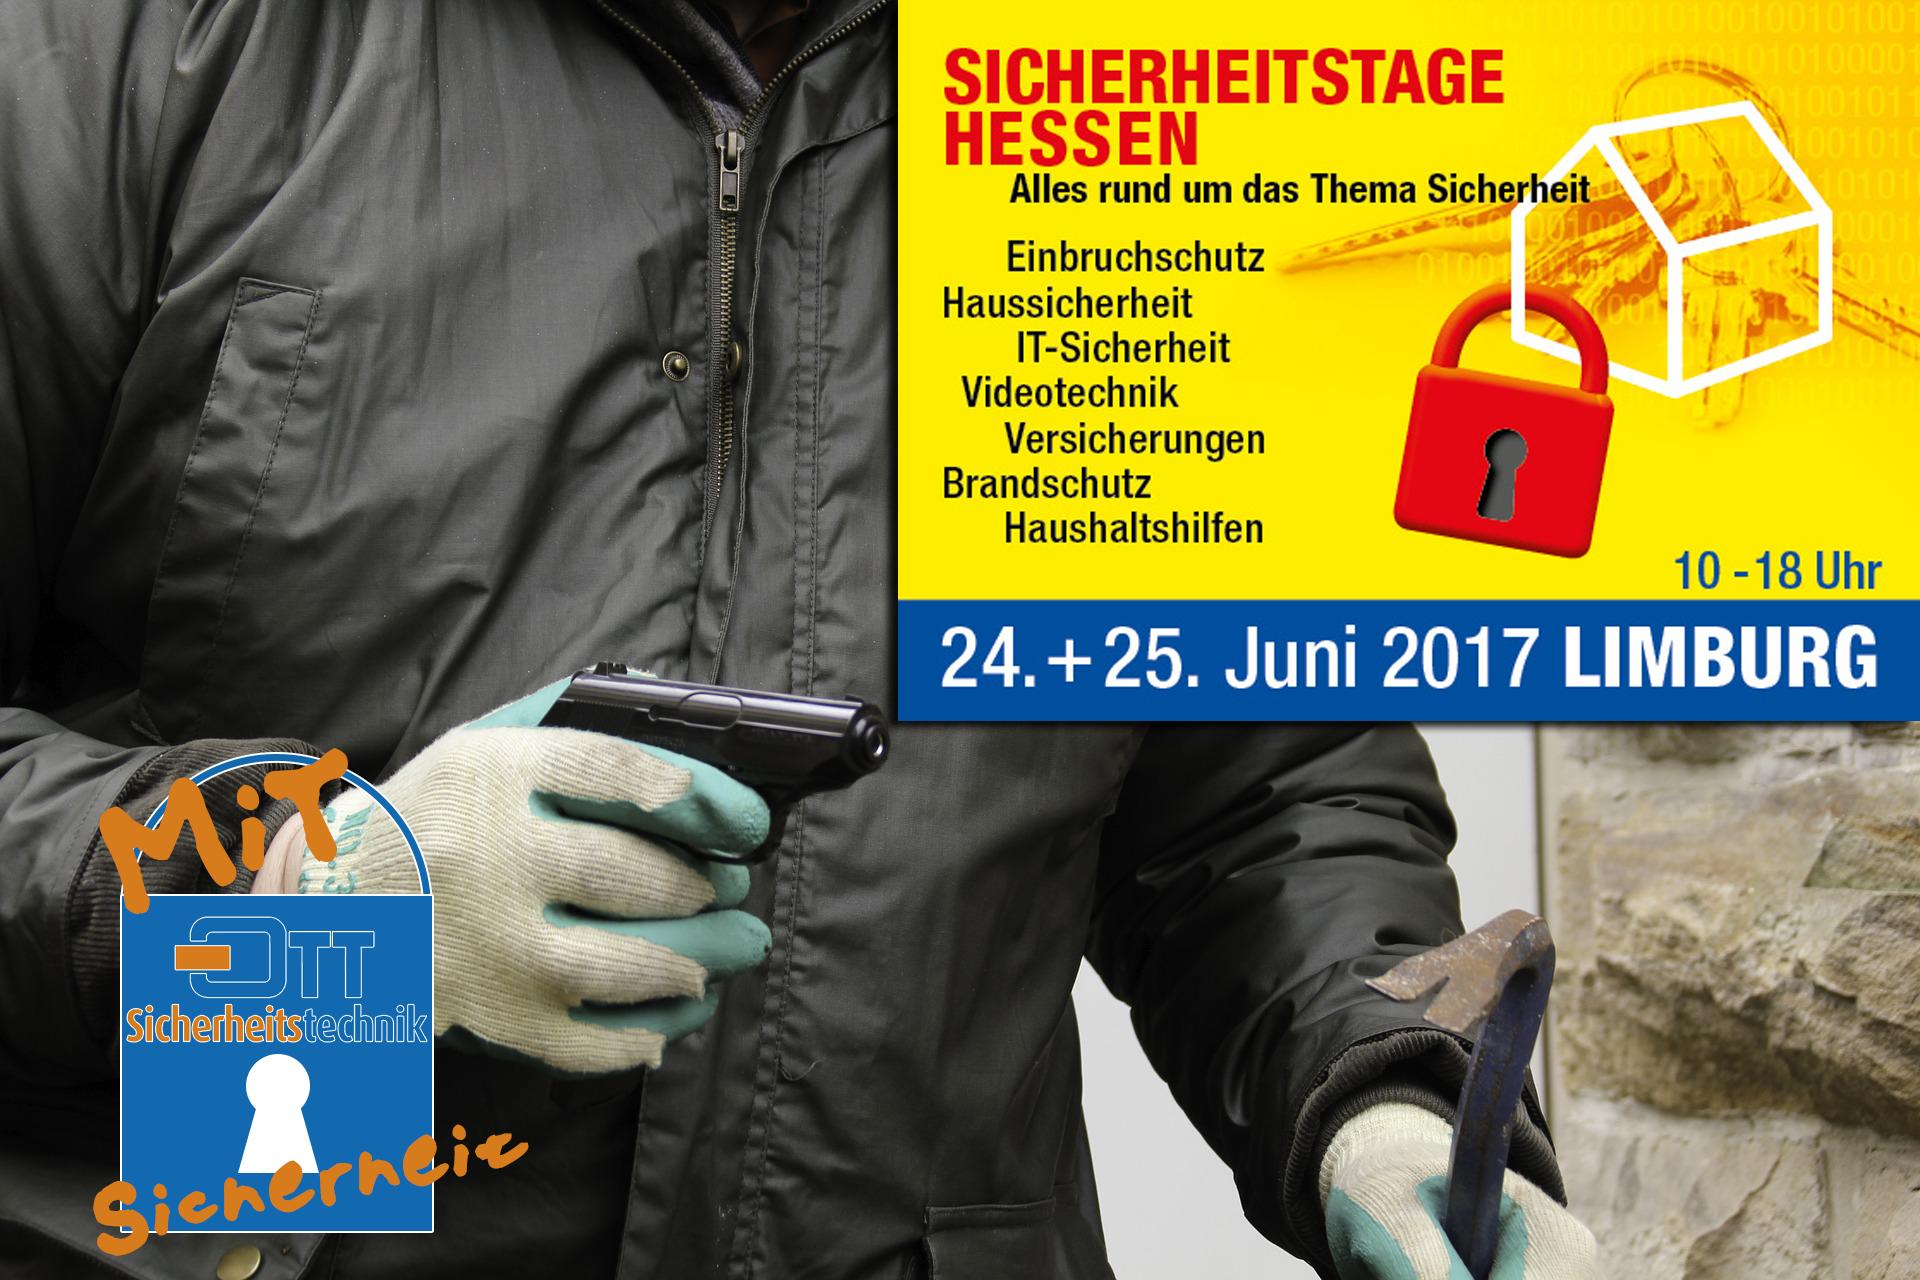 sicherheitstage-hessen-limburg